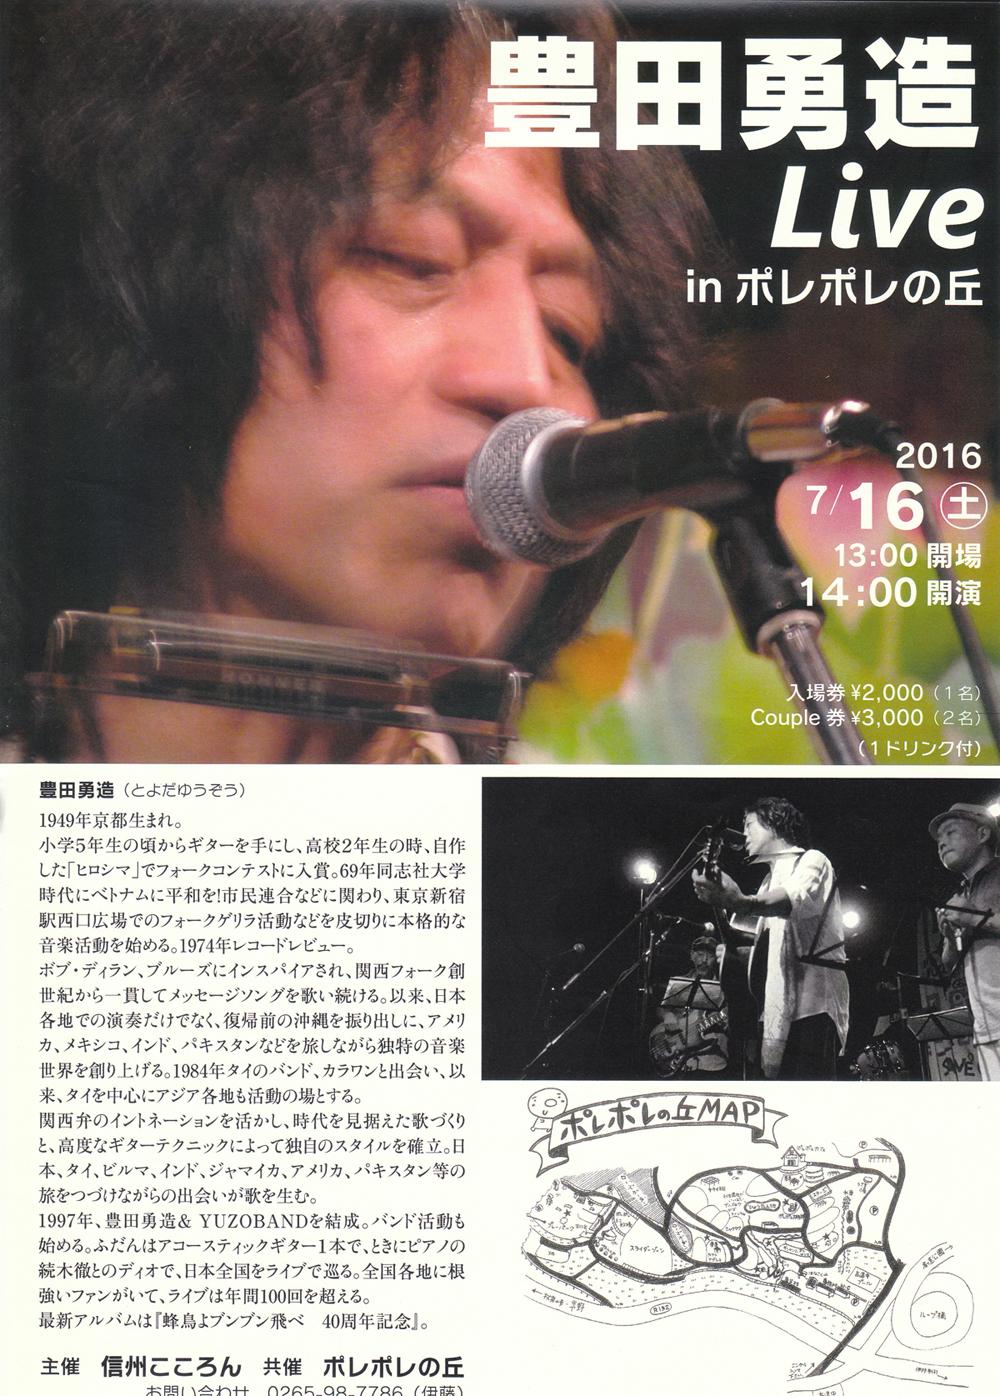 豊田勇造ライブ